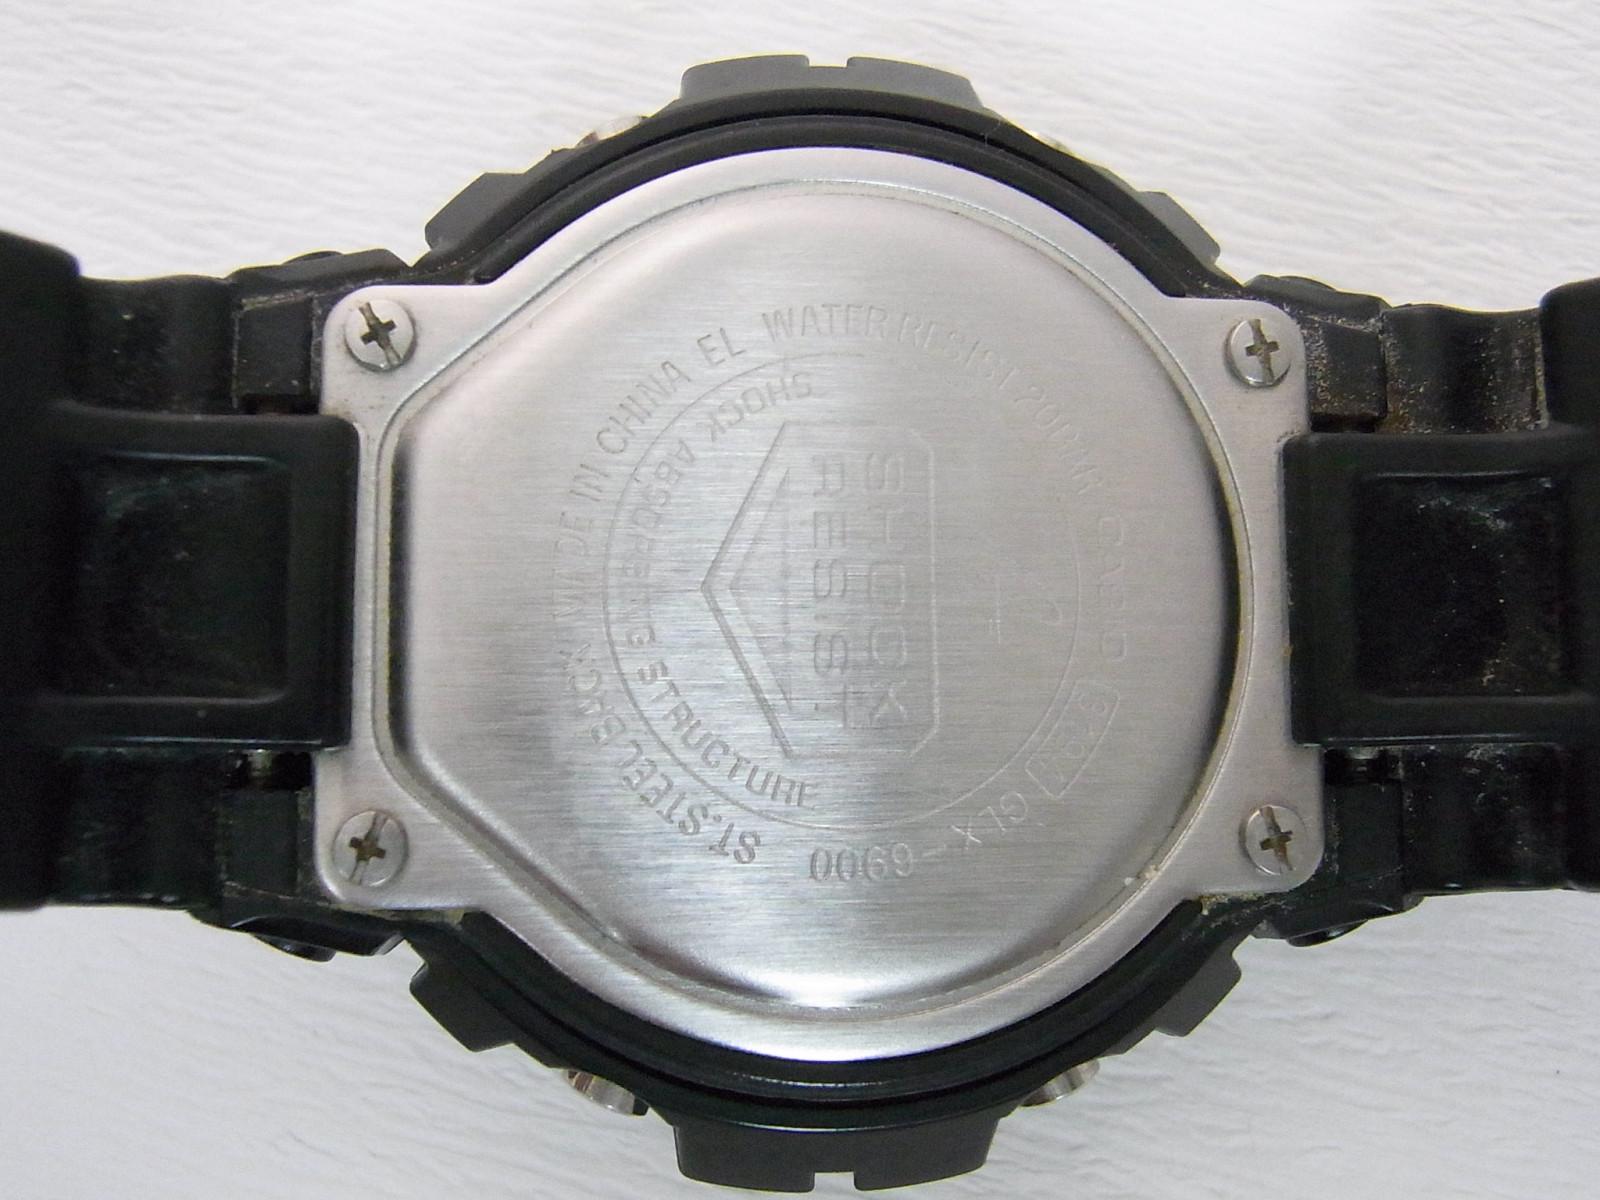 Digunakan Casio G Shock Glx 6900 Menonton Dijual 5 Timepeaks 1 Hitam 13